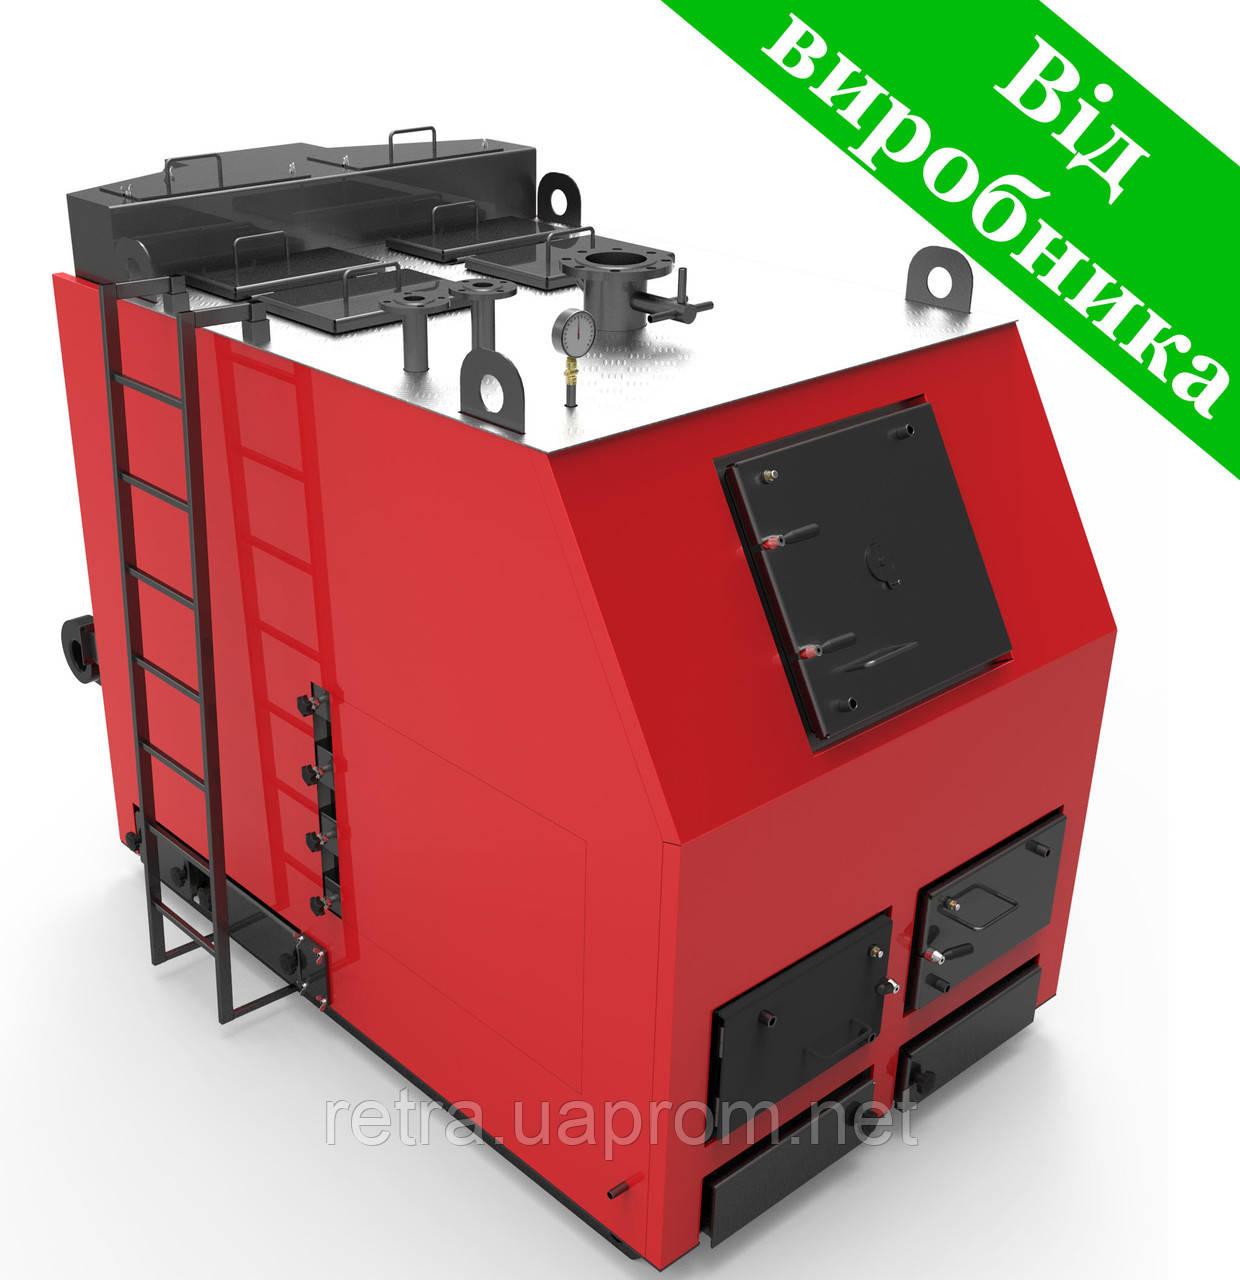 Котел твердотопливный Ретра-3М 1000 кВт промышленный длительного горения